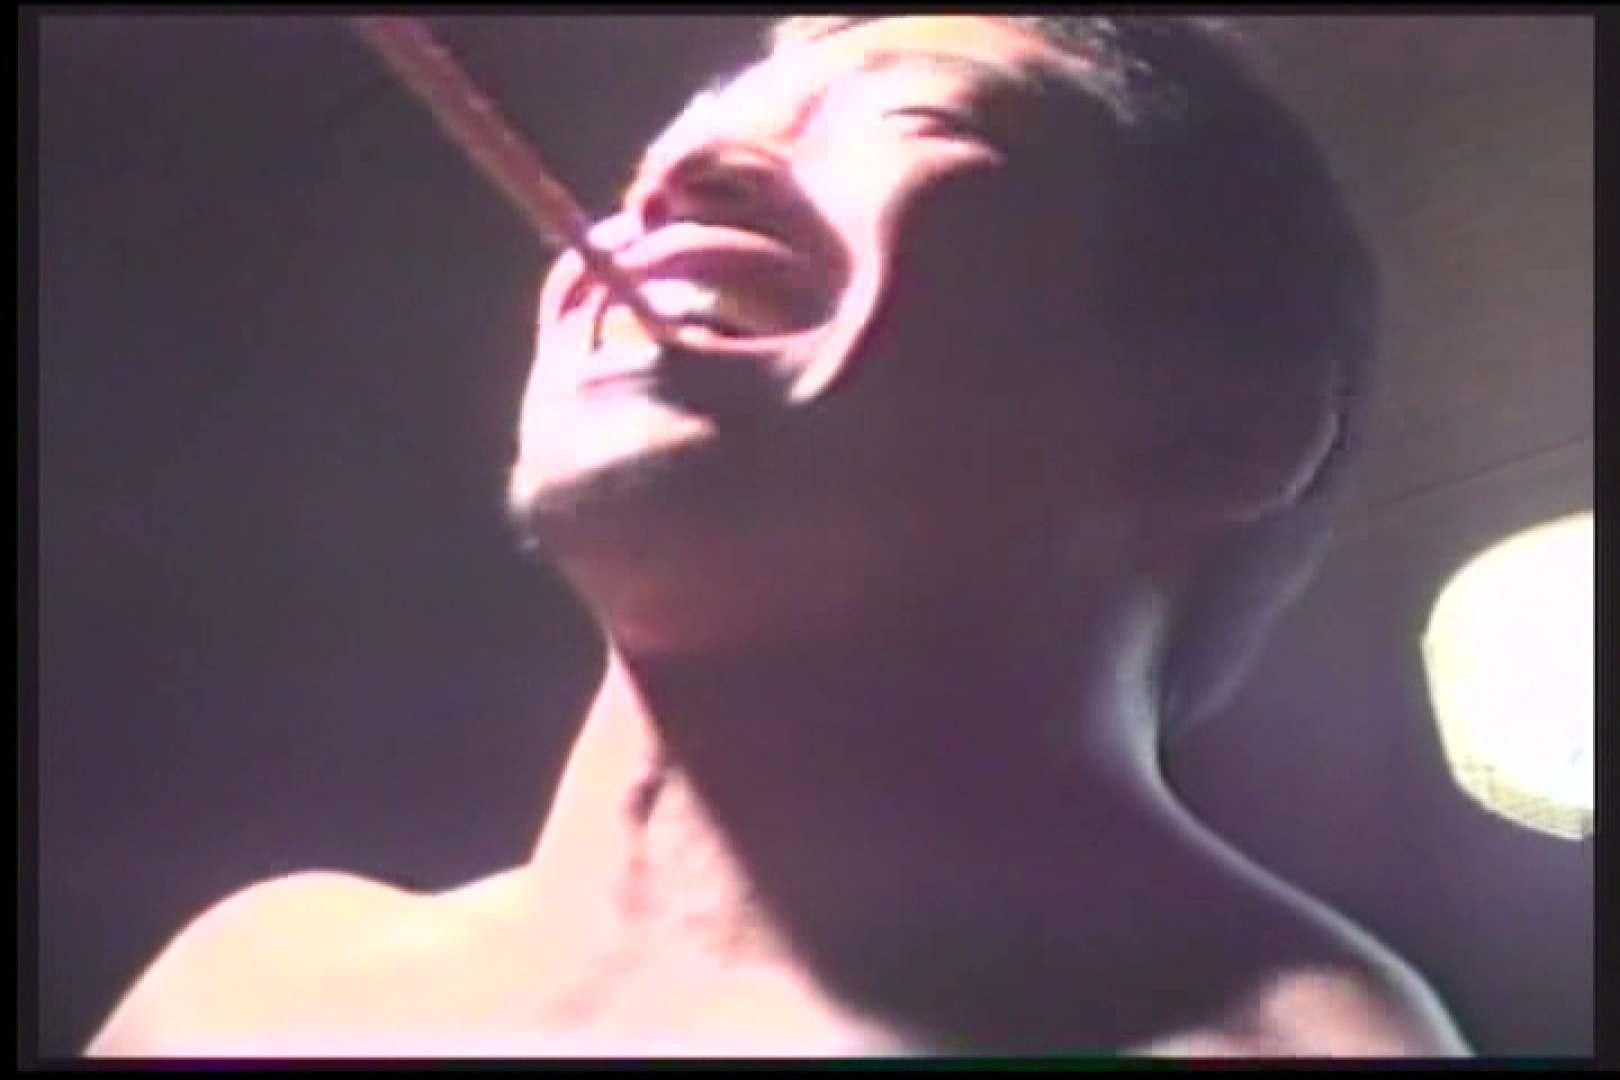 若人は元気!新歓合宿にておふざけ特集VOL.03 スジ筋系マッチョマン | 超薄消し  87連発 34